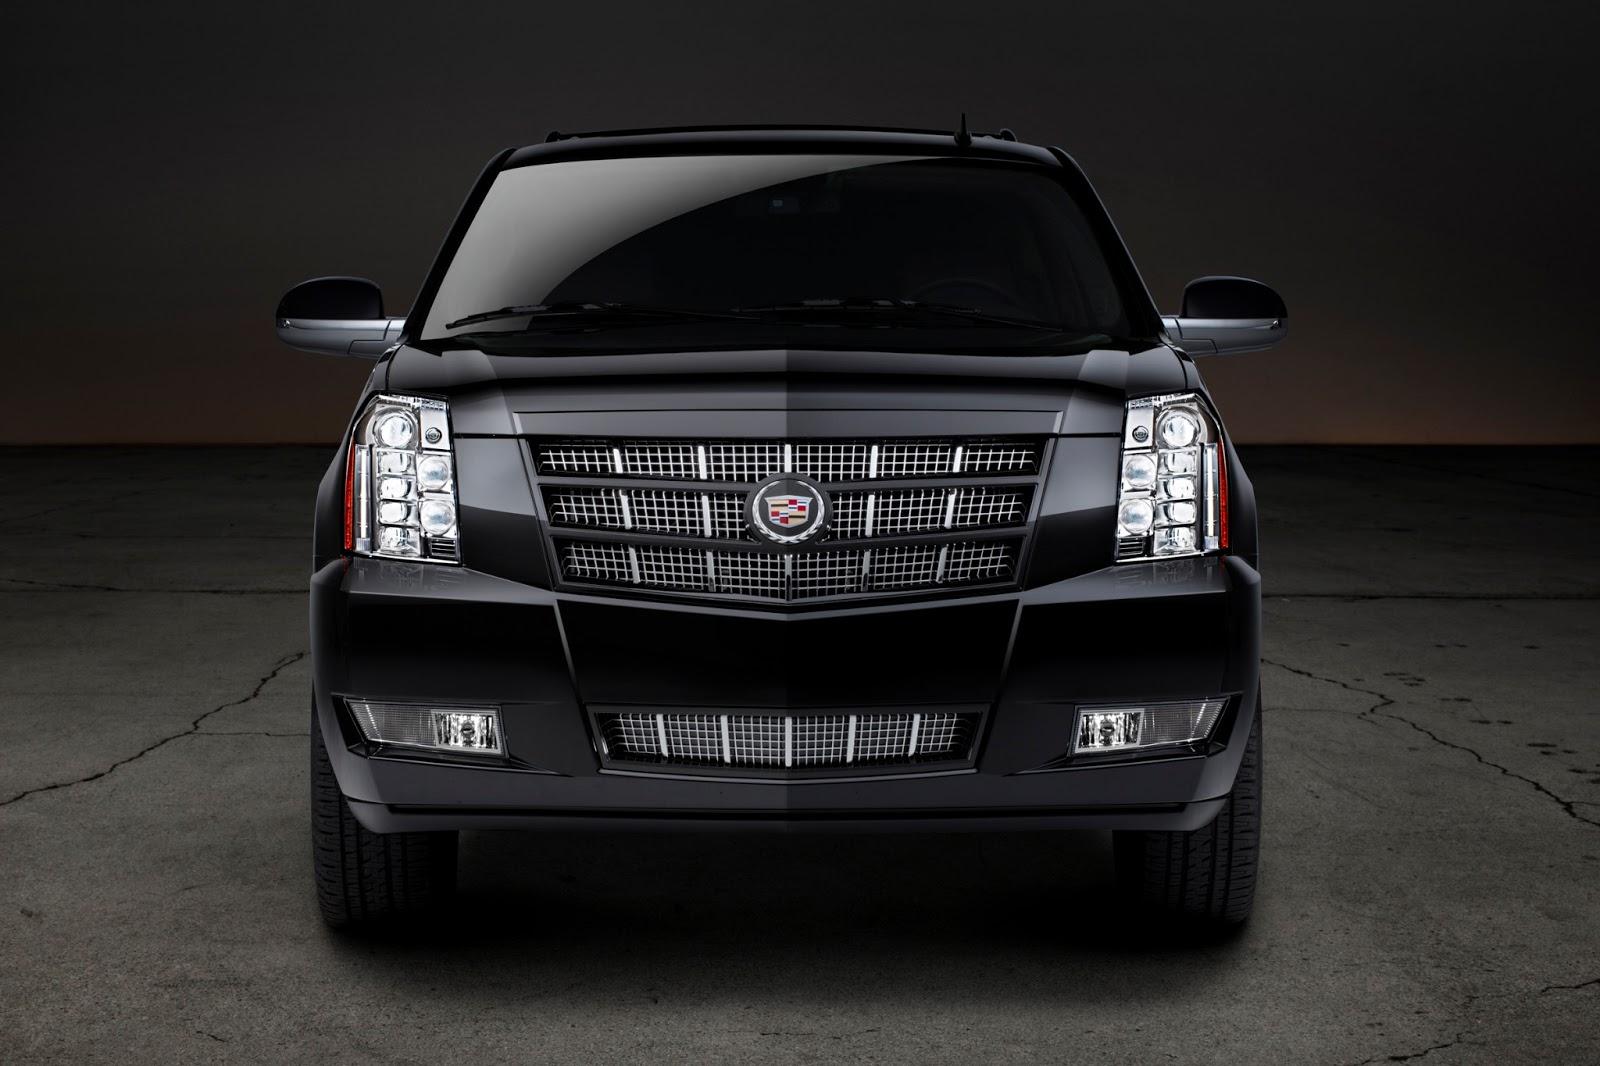 Future Cars: 2014 Cadillac Escalade Luxury SUV